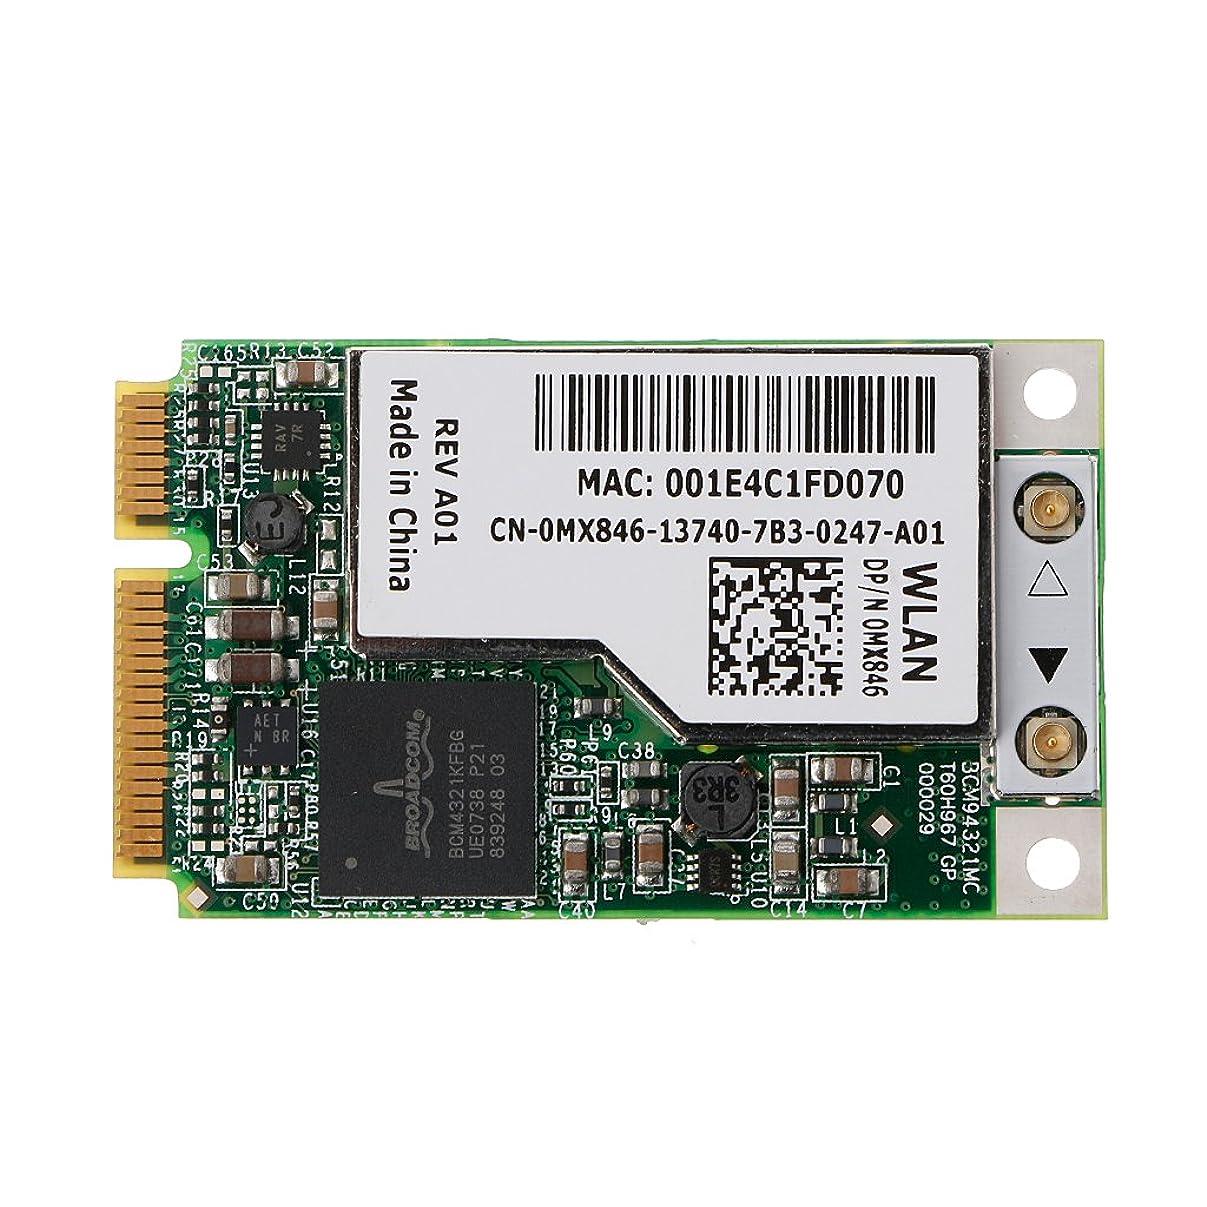 針取り囲む壊れたBYNNIX BCM94321MC BCM4321 DW1505 Mini PCI-e ワイヤレス WLANWiFiカード MX846 GP53 NJ449